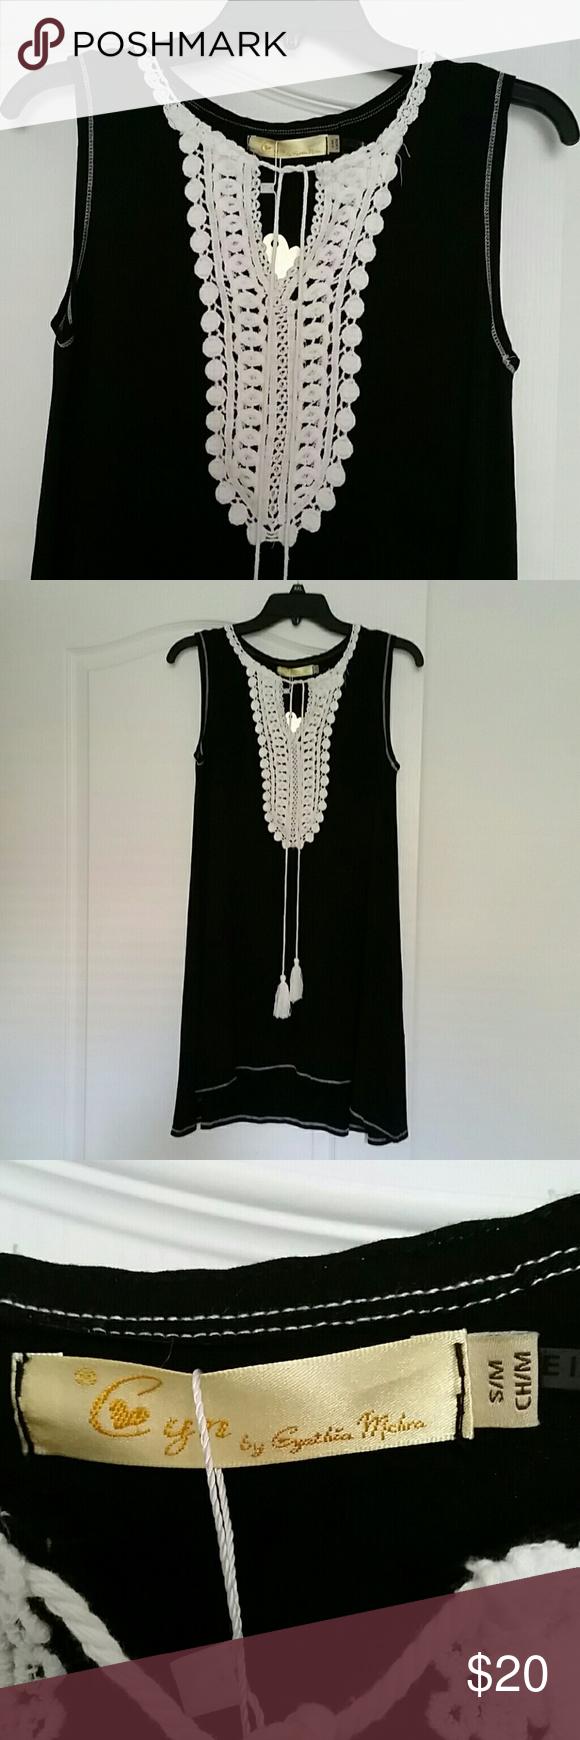 Black dress coverup sz sm shoulder th and cotton